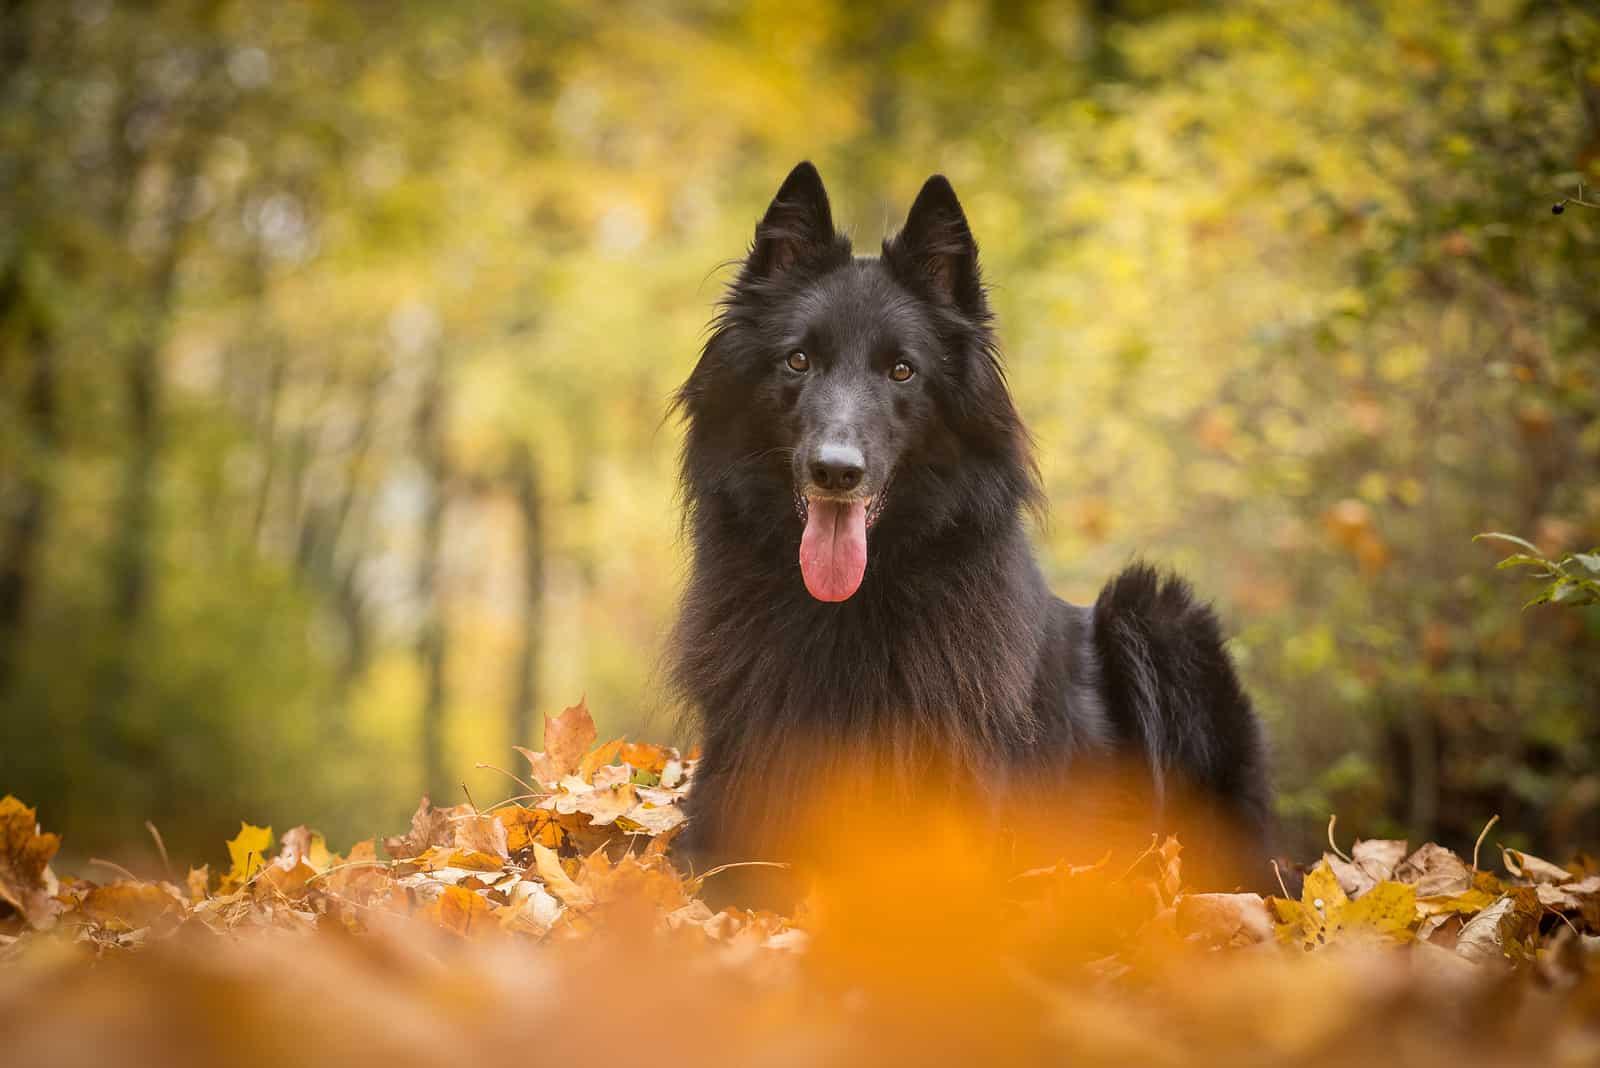 Adorable Black Belgian Shepherd Dog Groenendael lies in the leaves